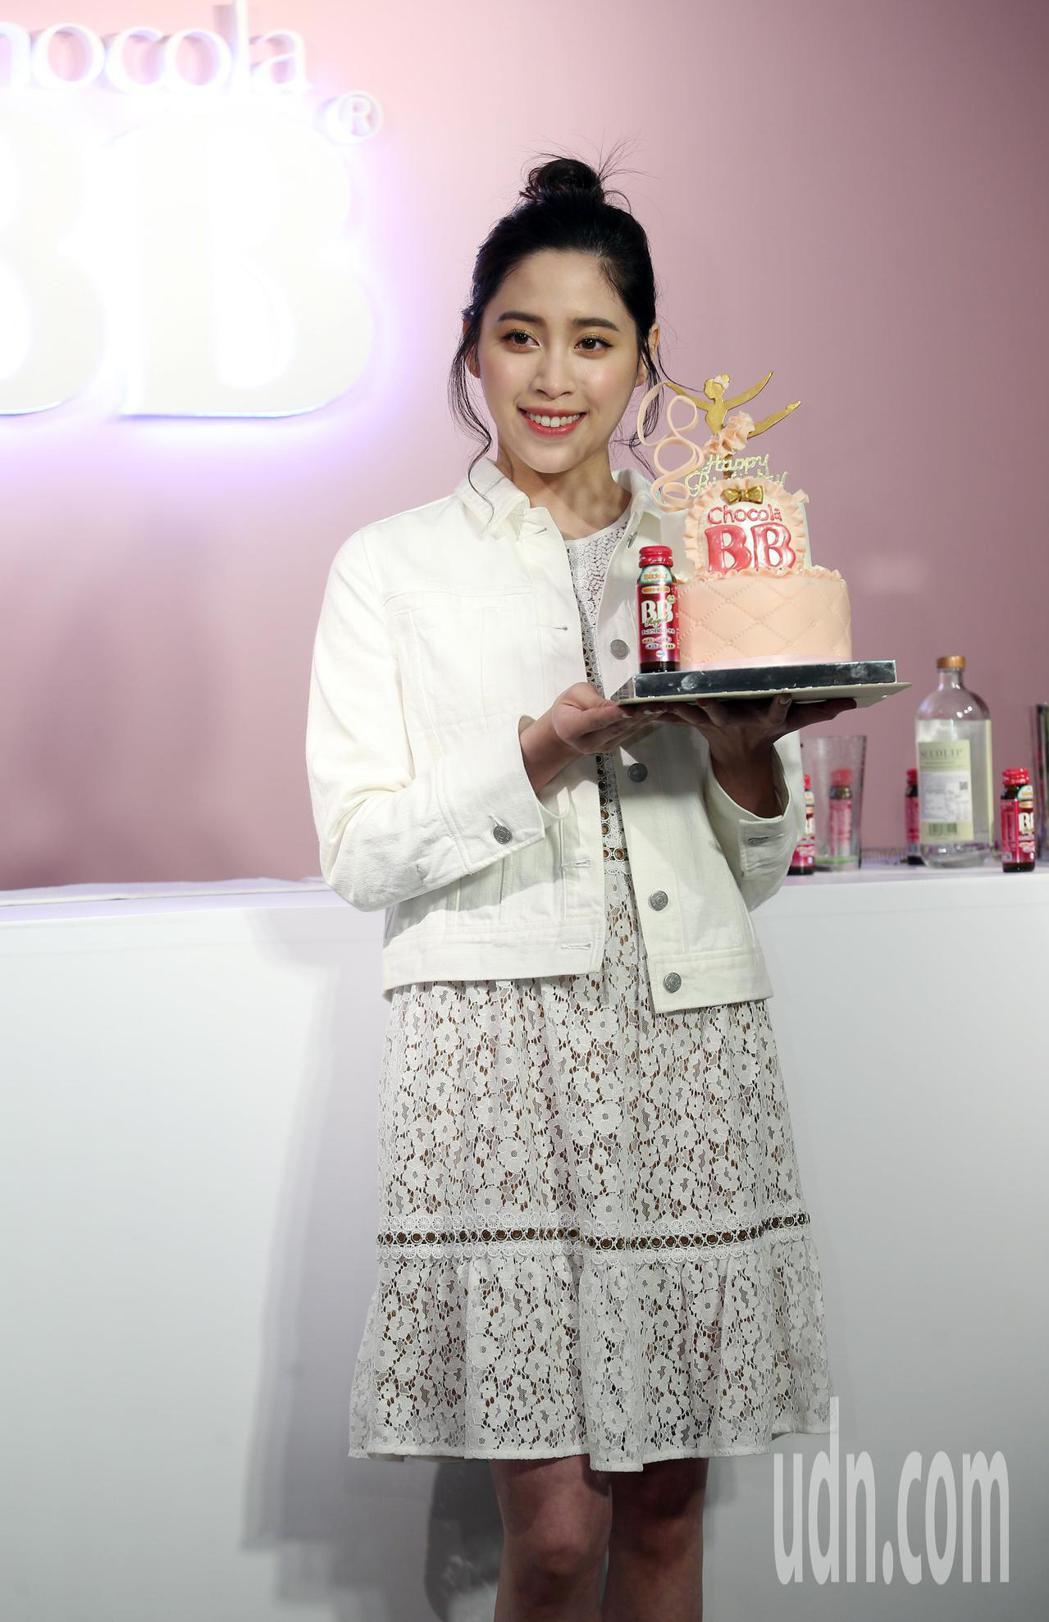 歐陽妮妮下午出席Chocola BB 美妍特調活動。記者曾吉松/攝影